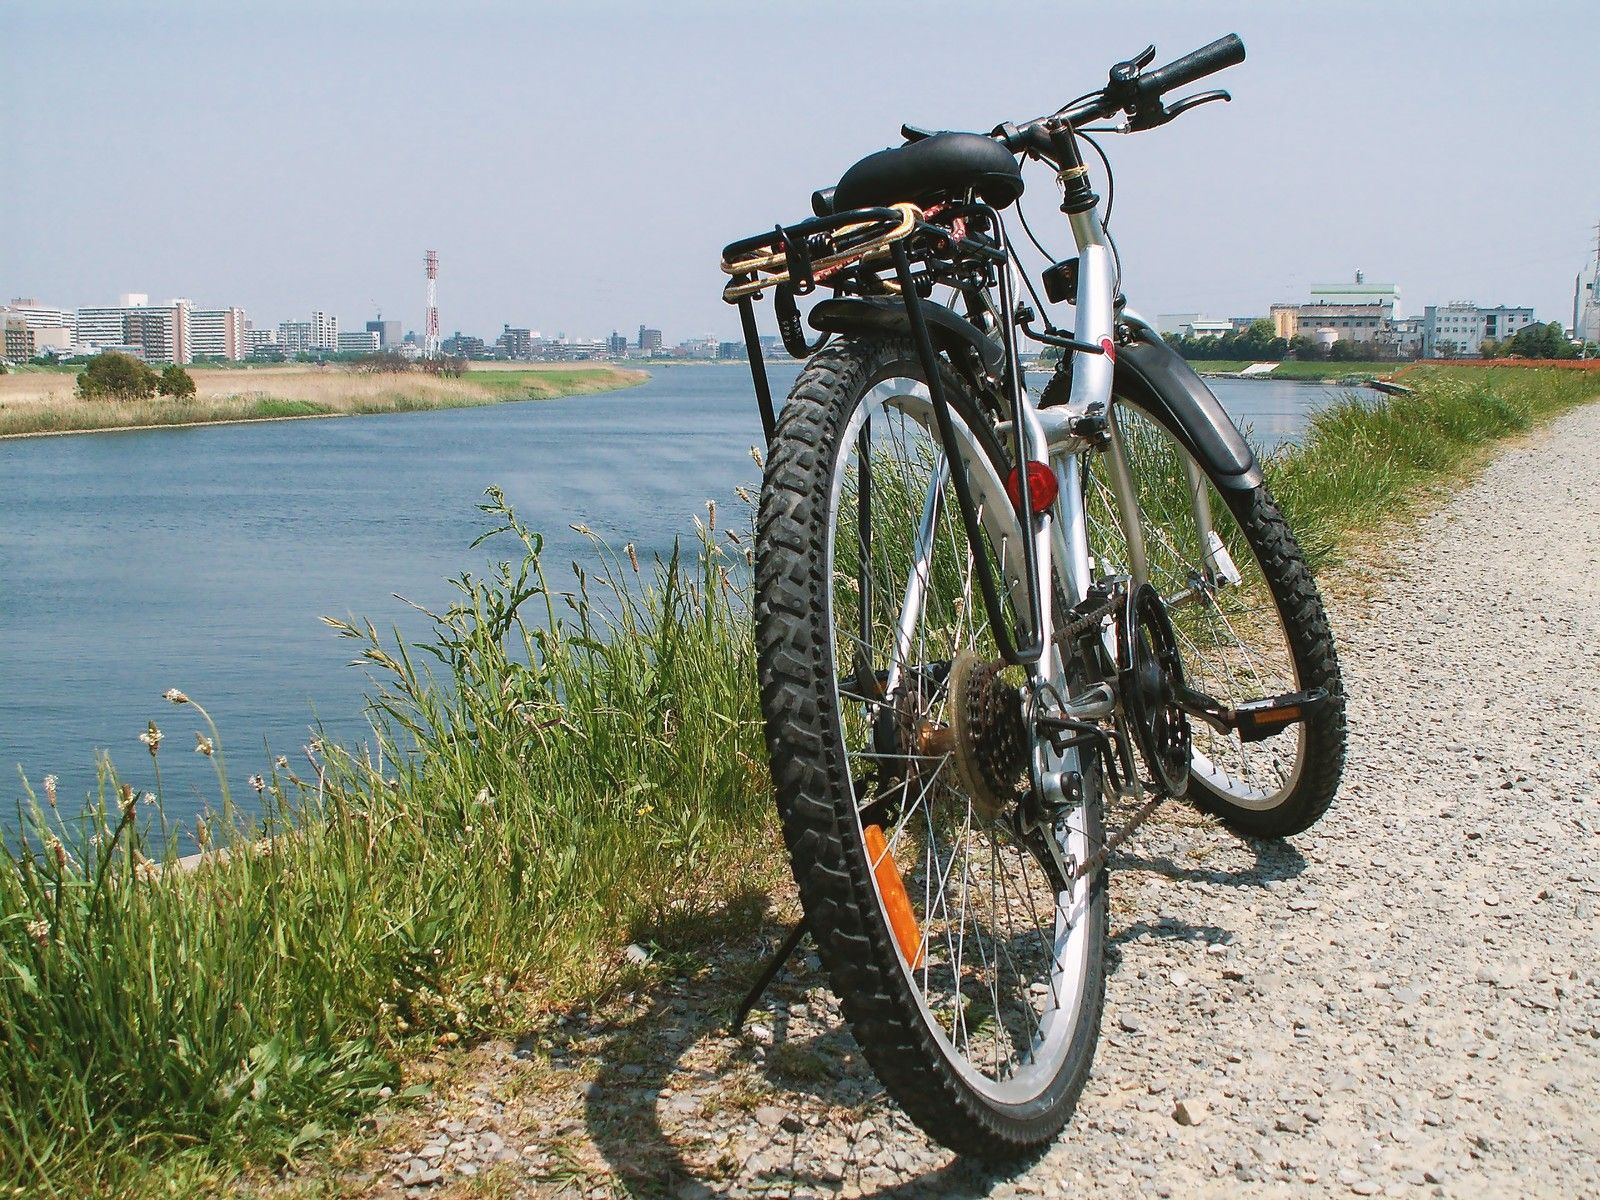 「河川敷の砂利道と自転車河川敷の砂利道と自転車」のフリー写真素材を拡大